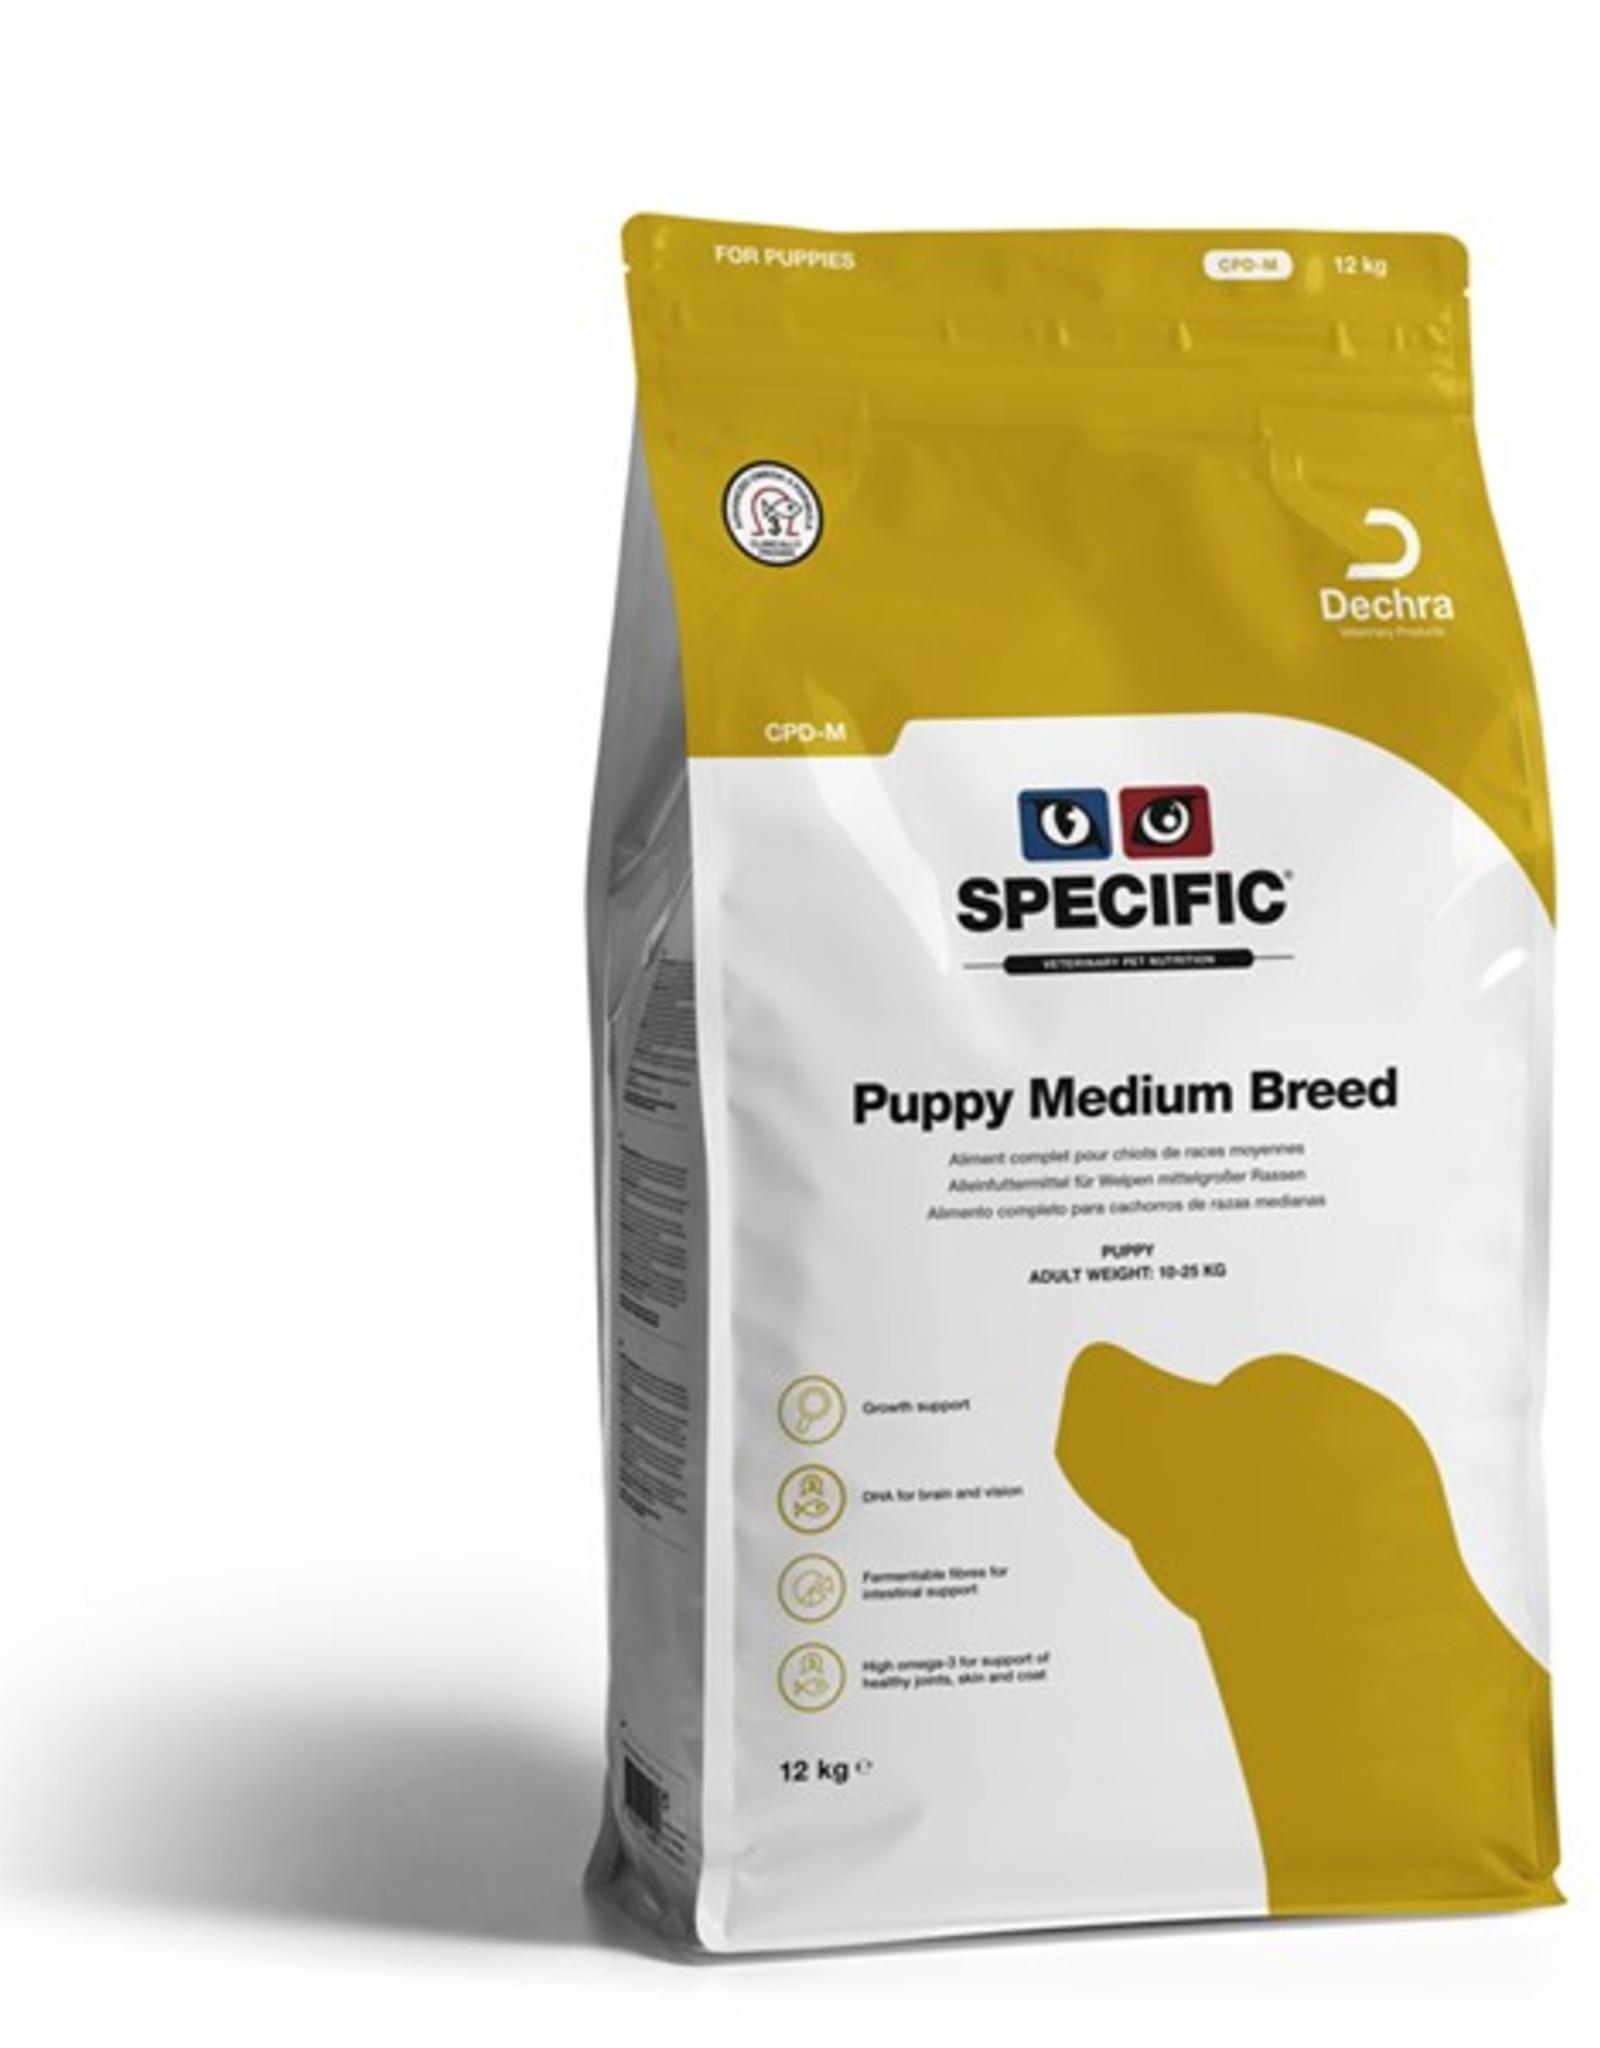 Specific Specific Cpd-m Puppy Medium 12kg